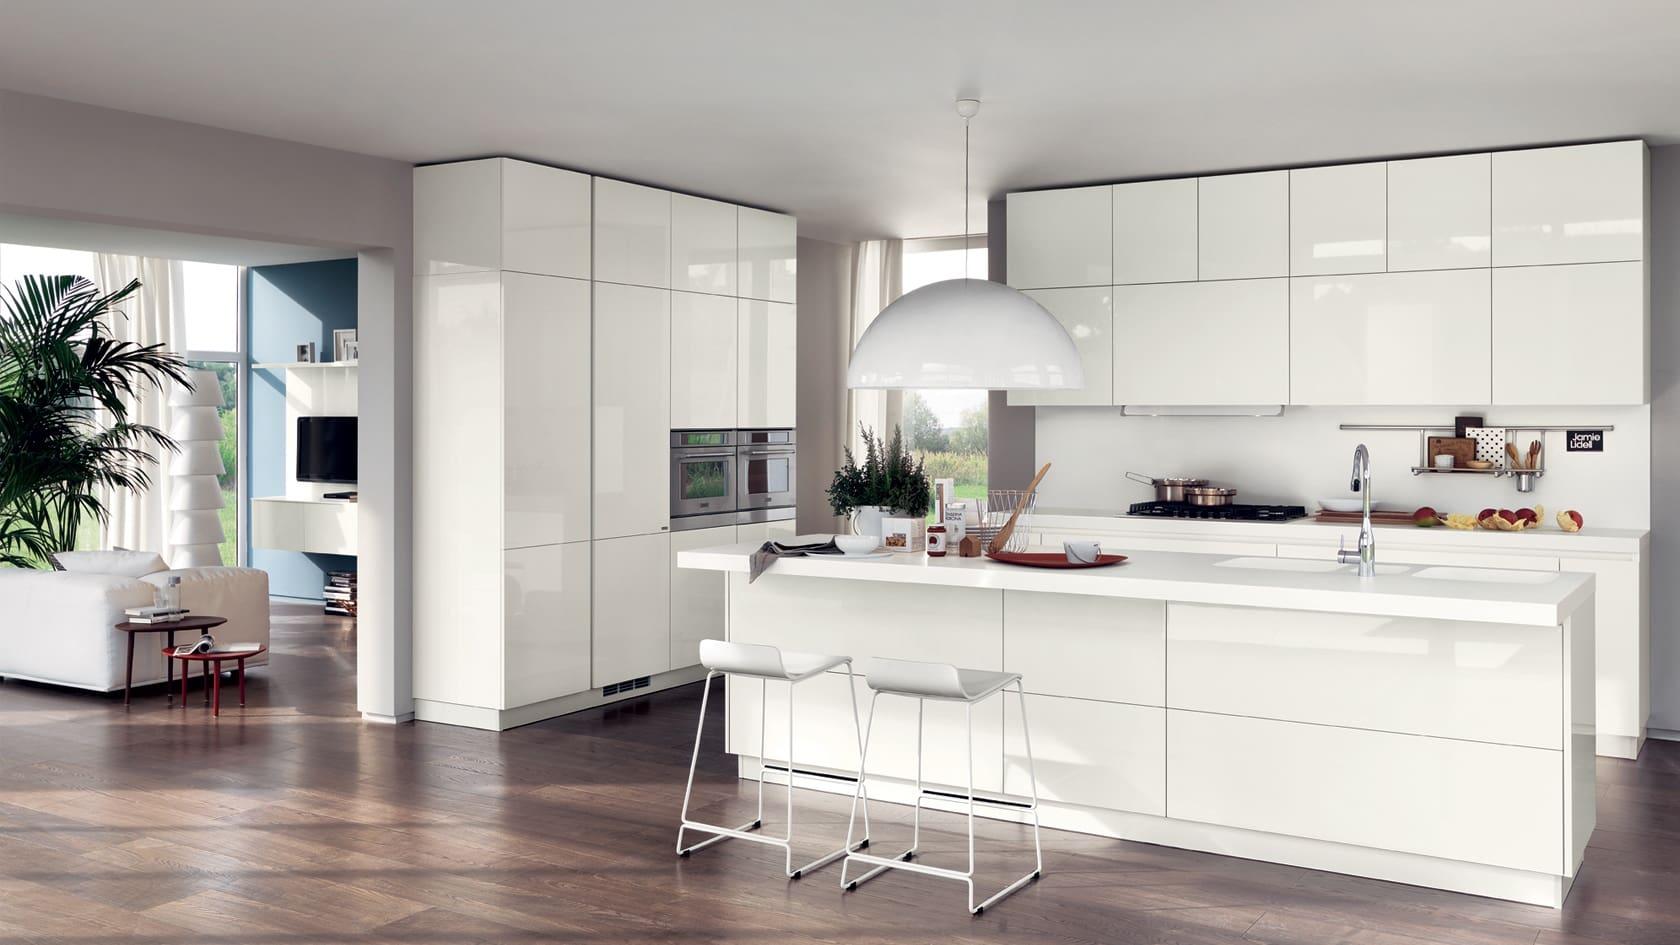 Montella prisma arredo arredamento e mobili per la casa for Arredamento mobili casa